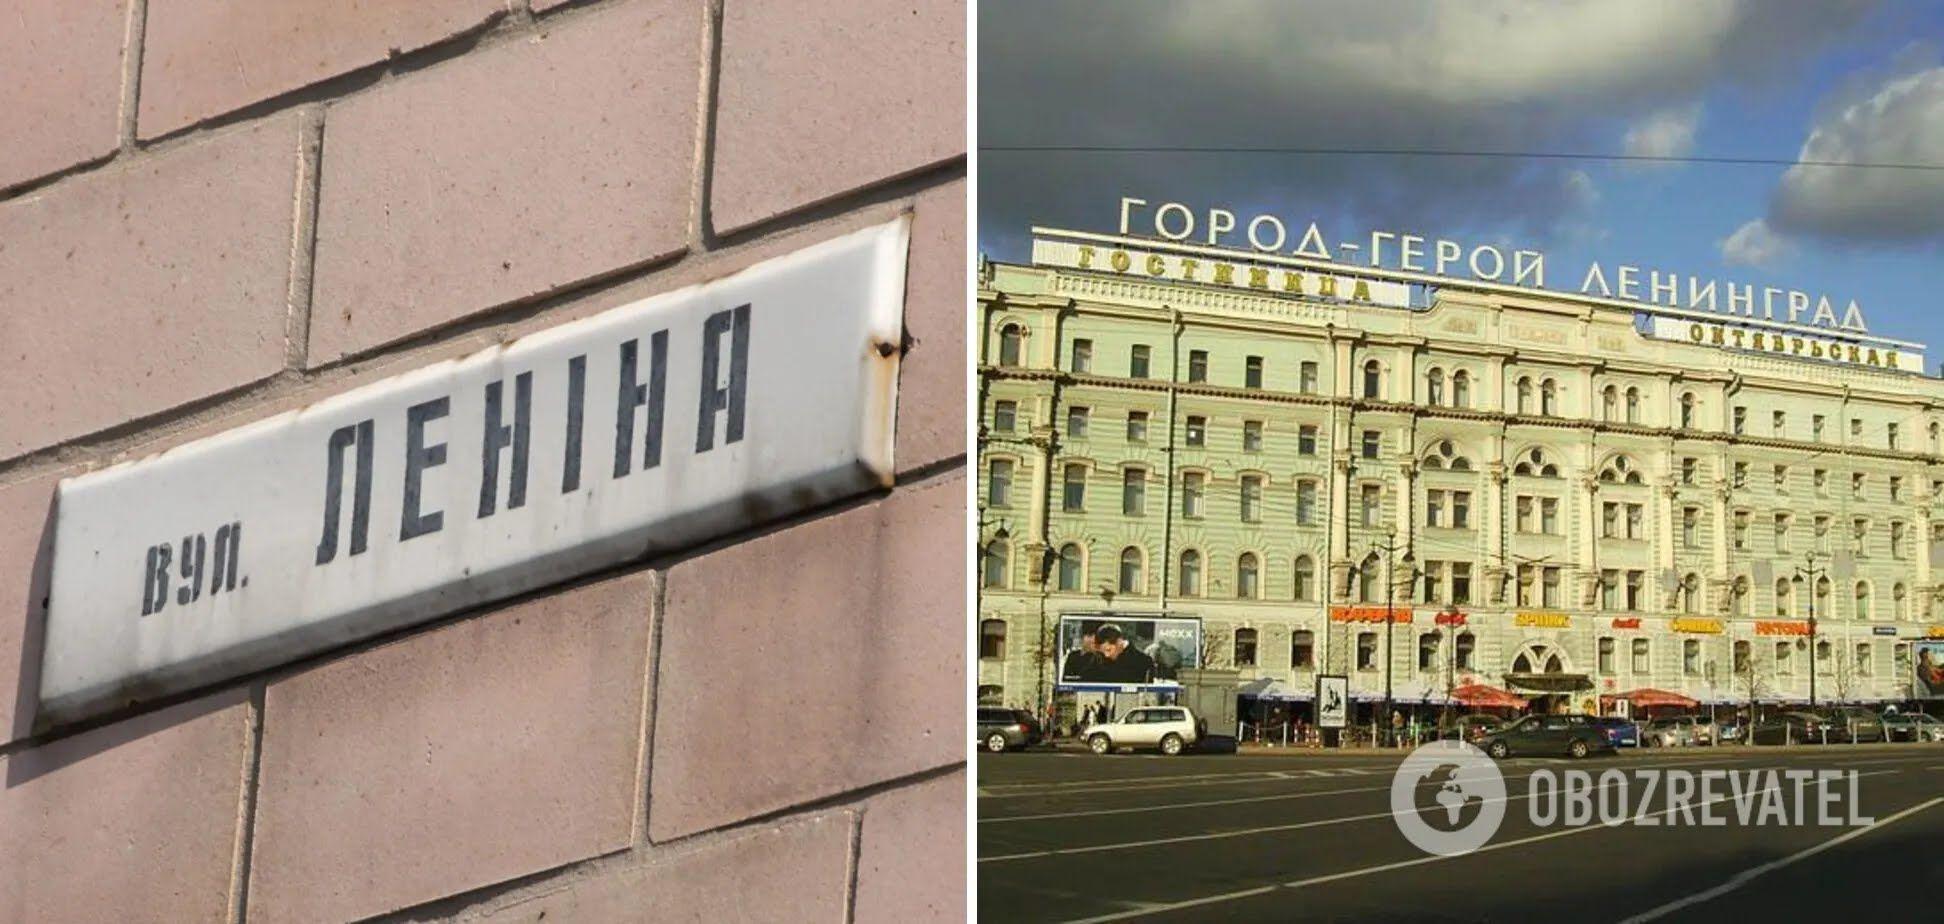 Города и улицы называли в честь правителей.